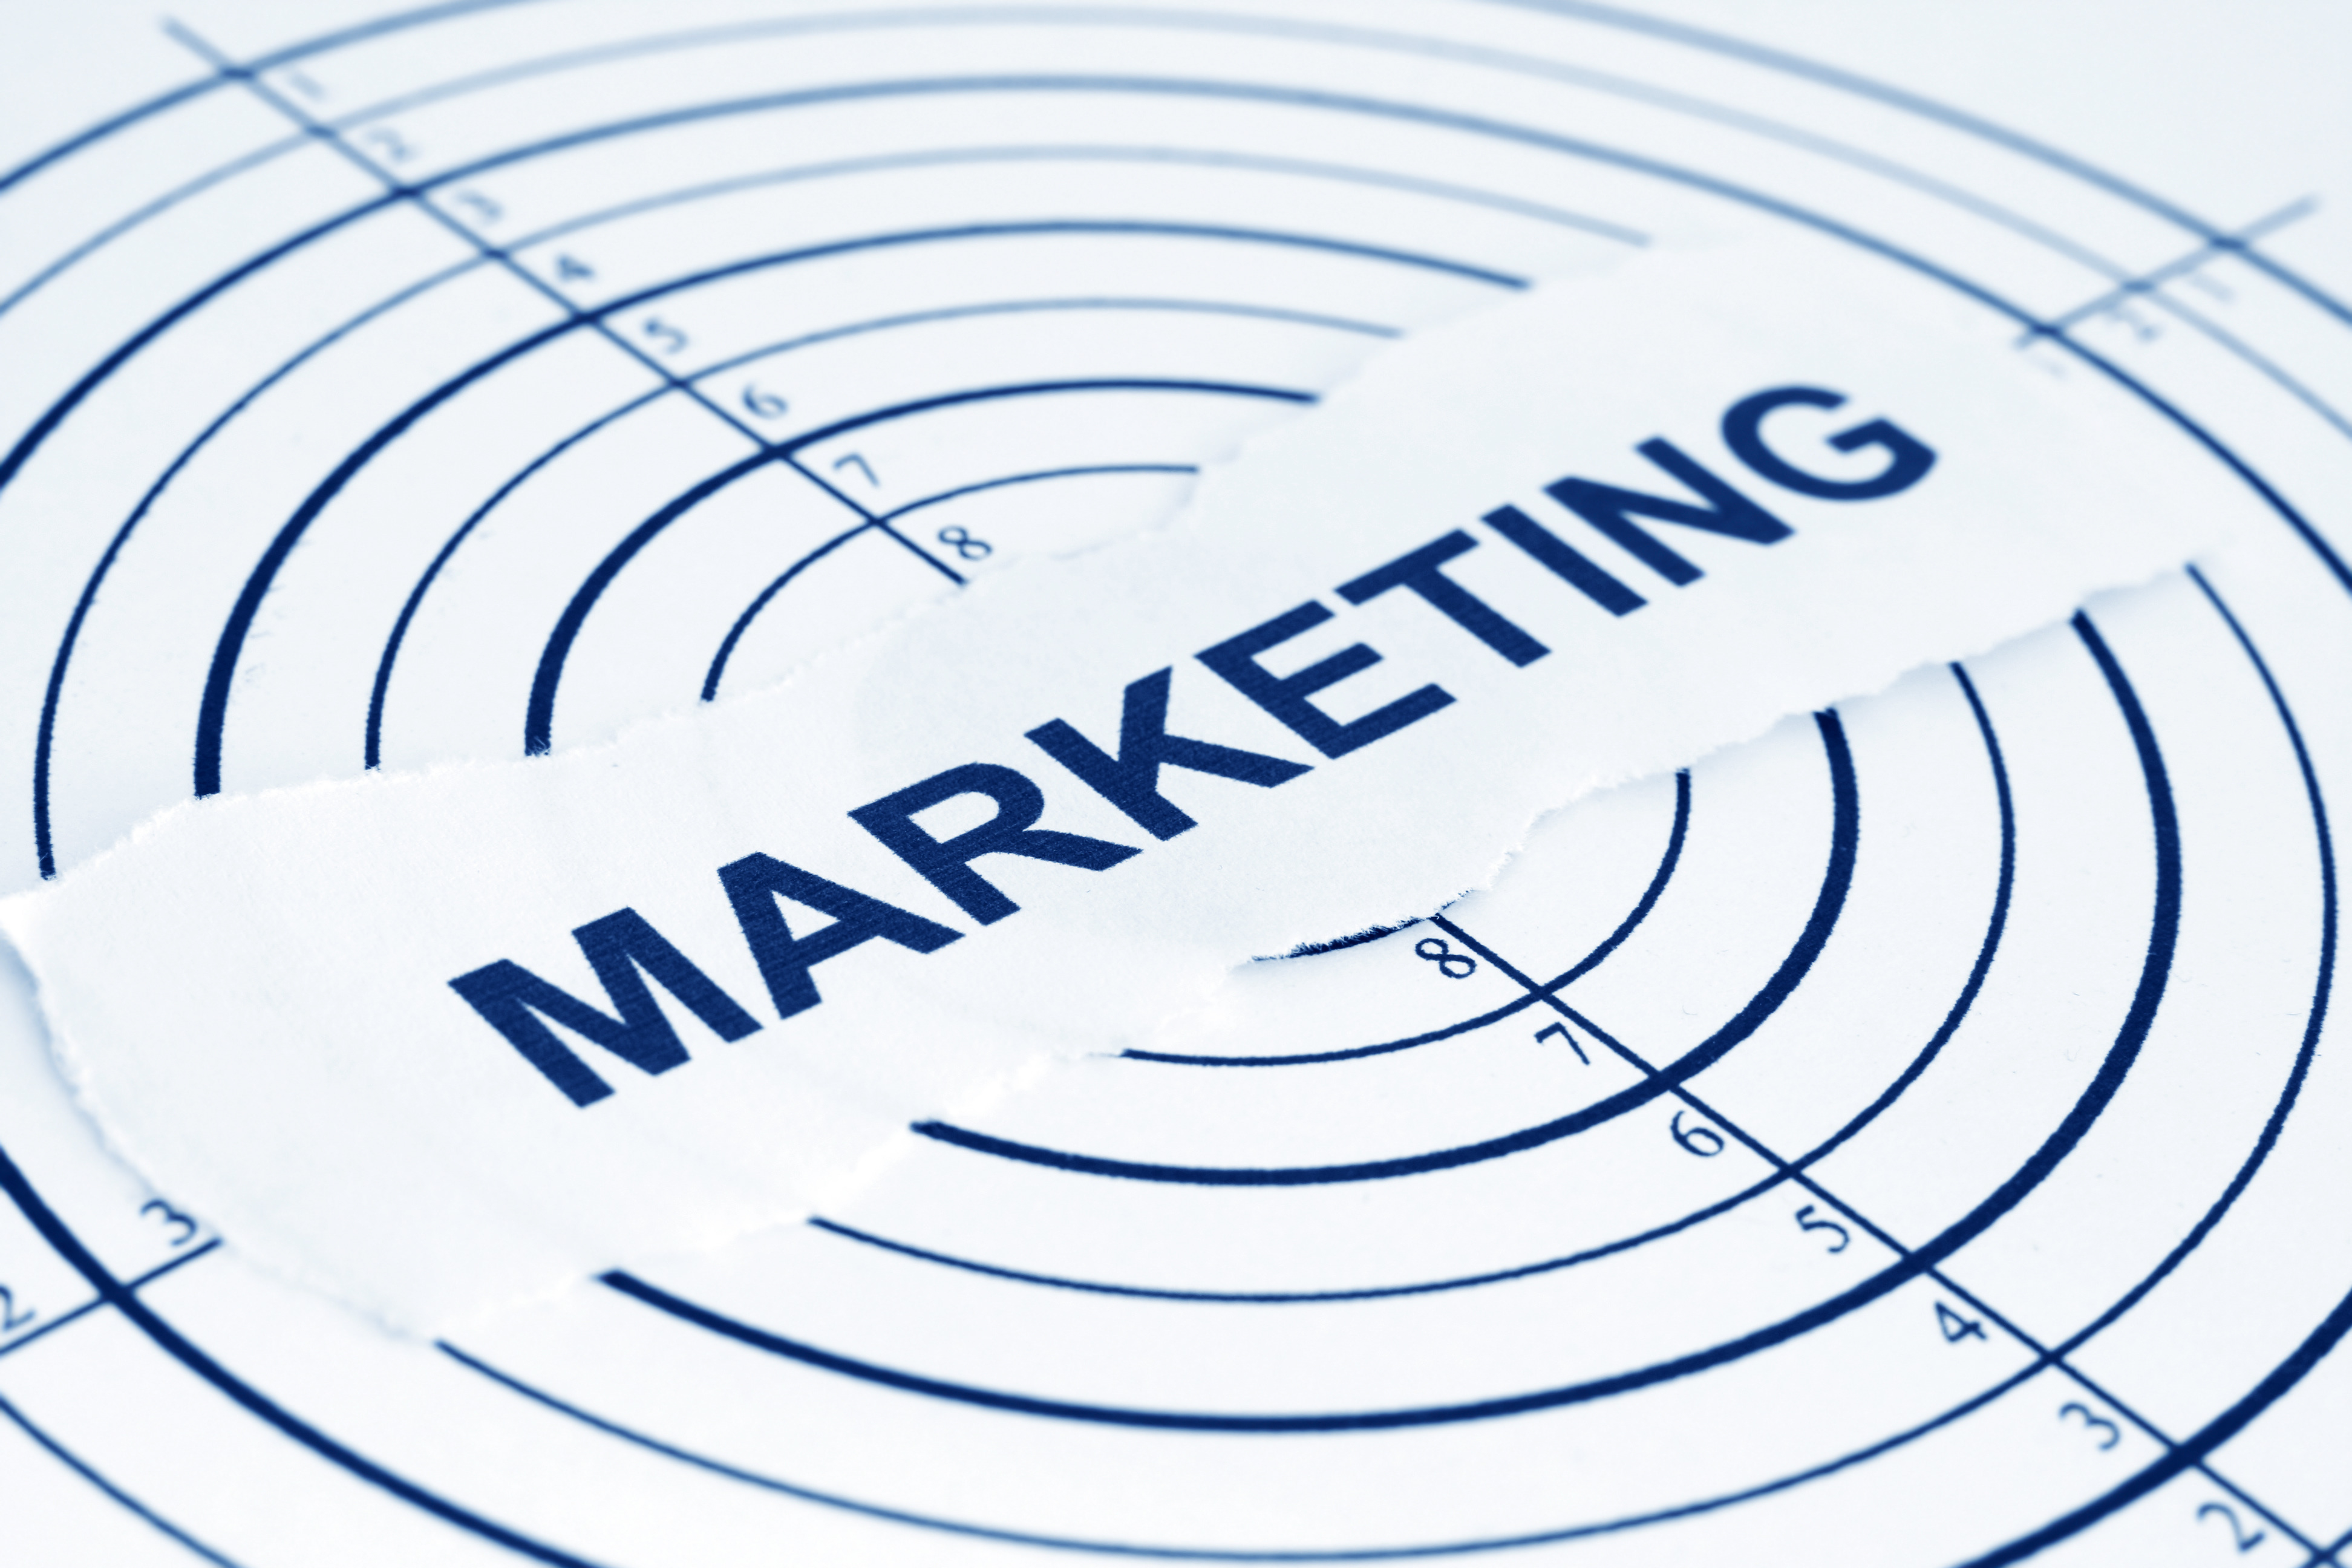 2Align Marketing - Keller, TX